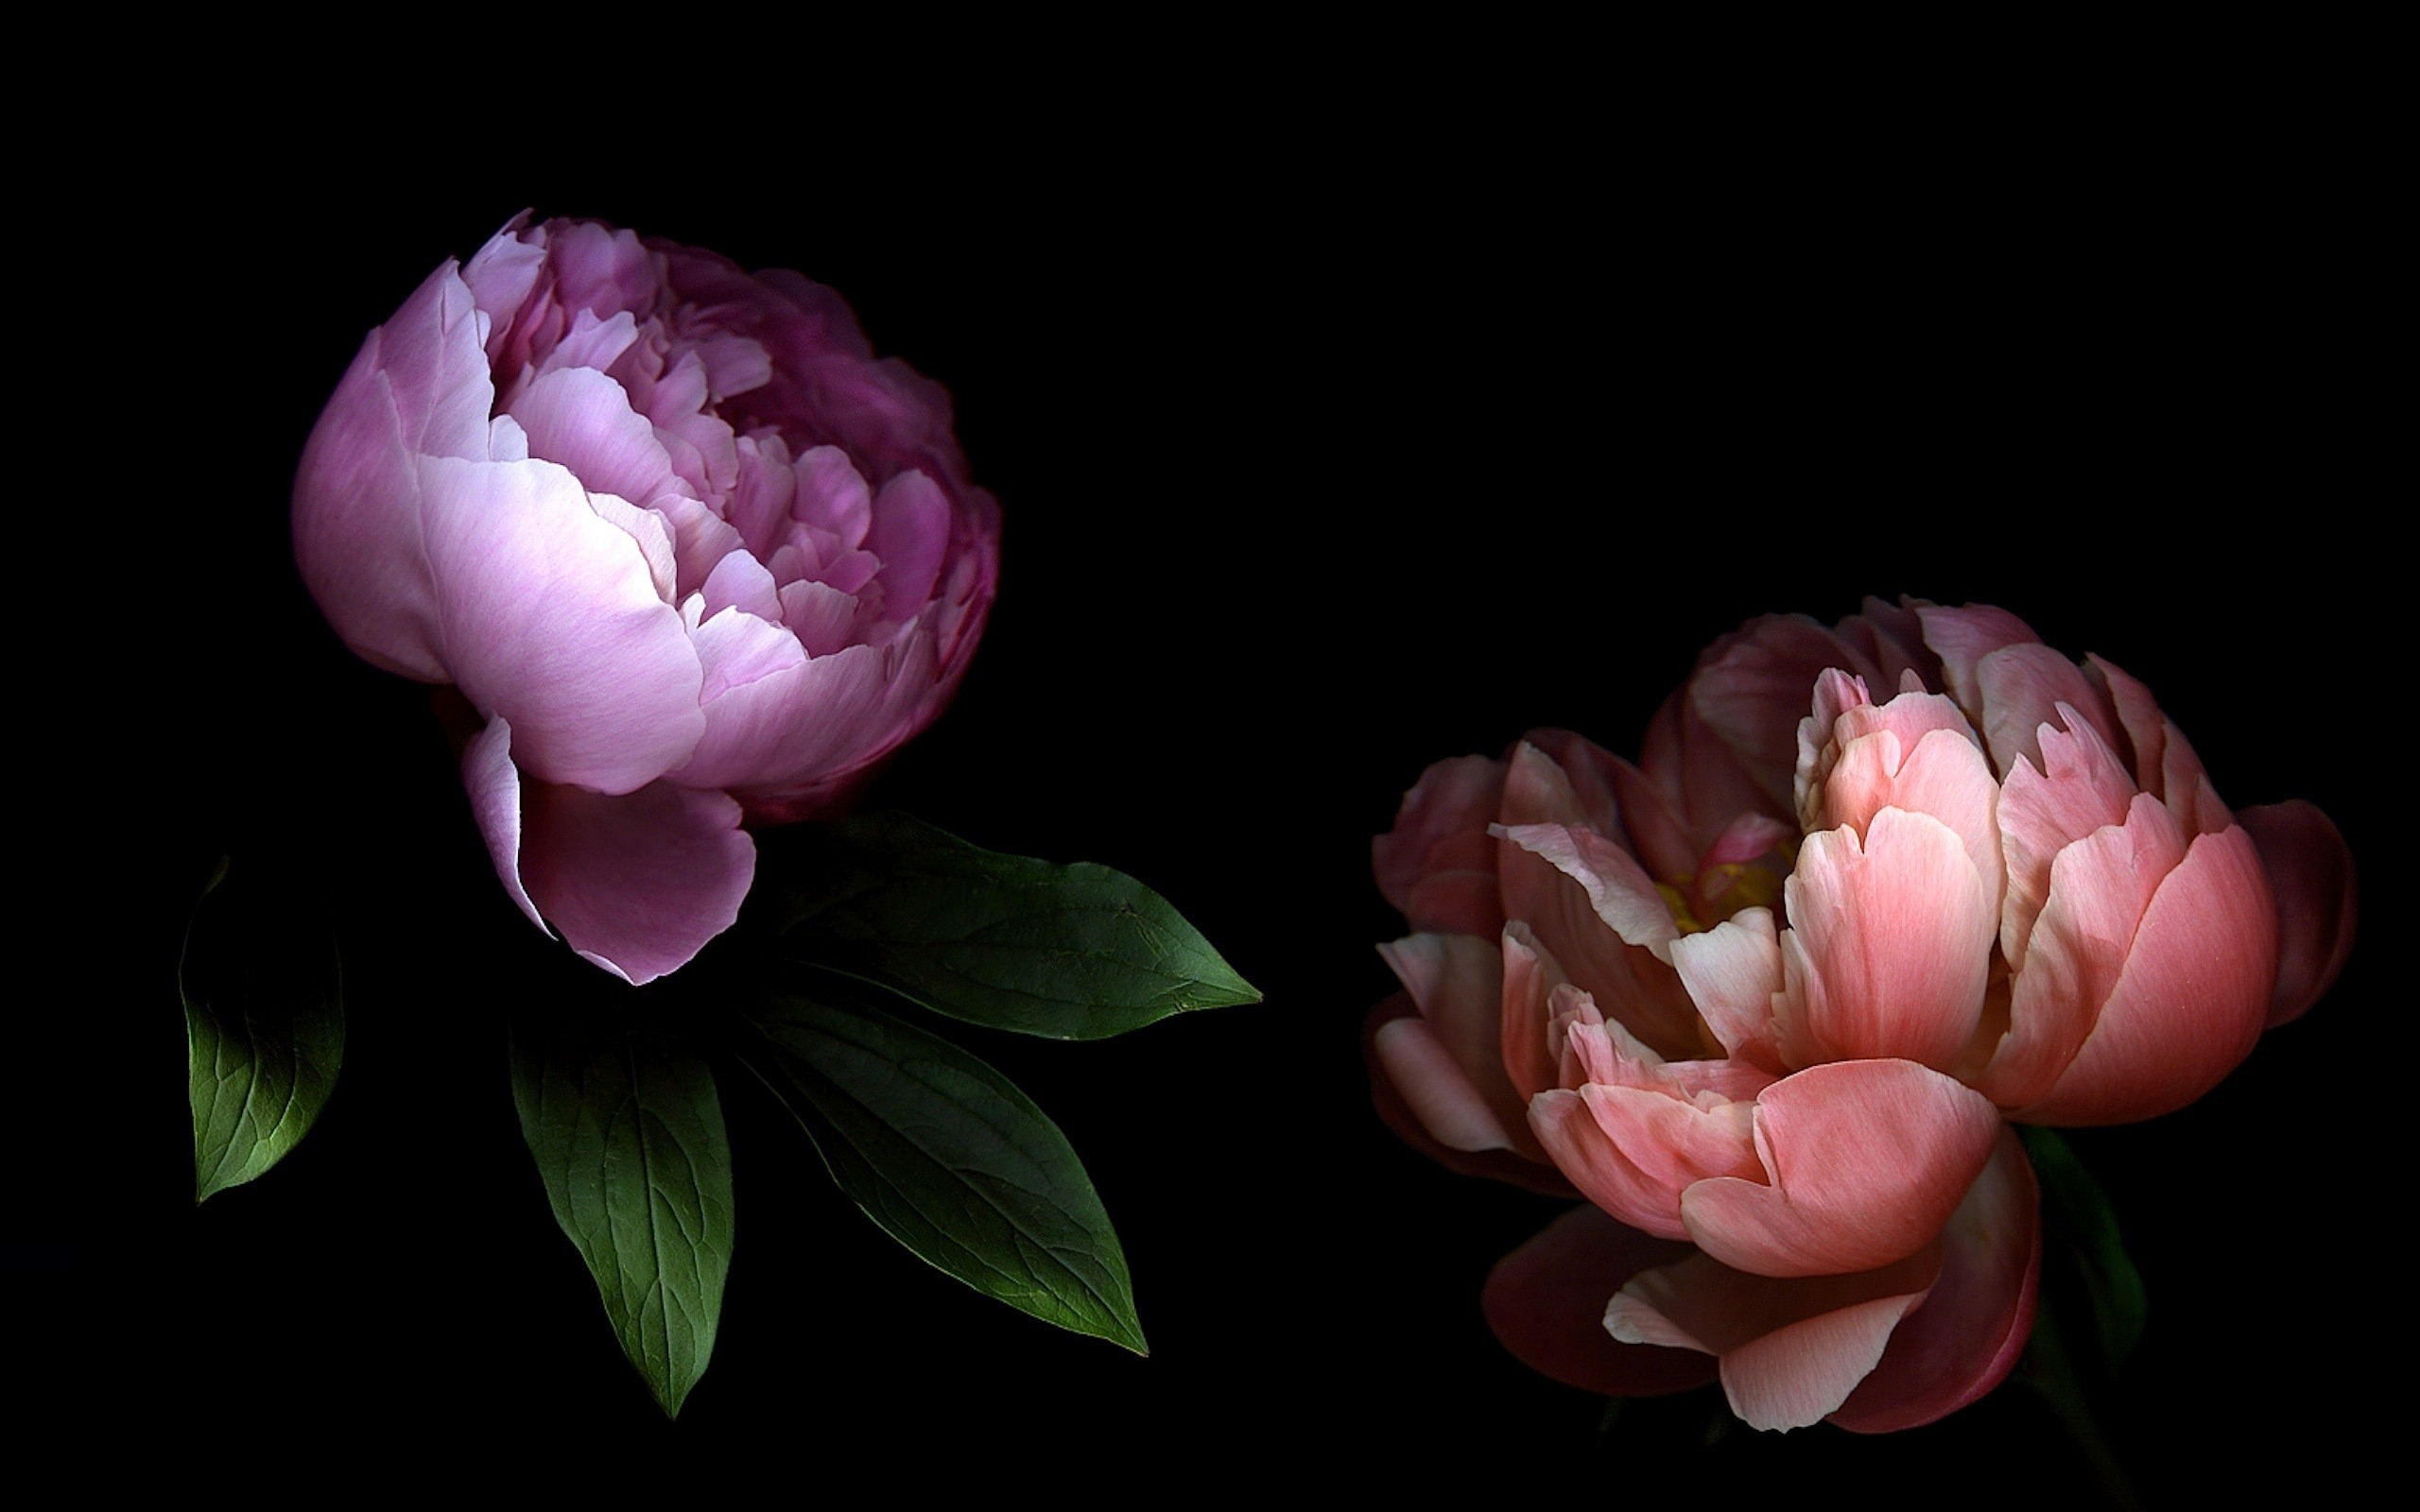 картинки на экран цветы на черном фоне отсылает нас